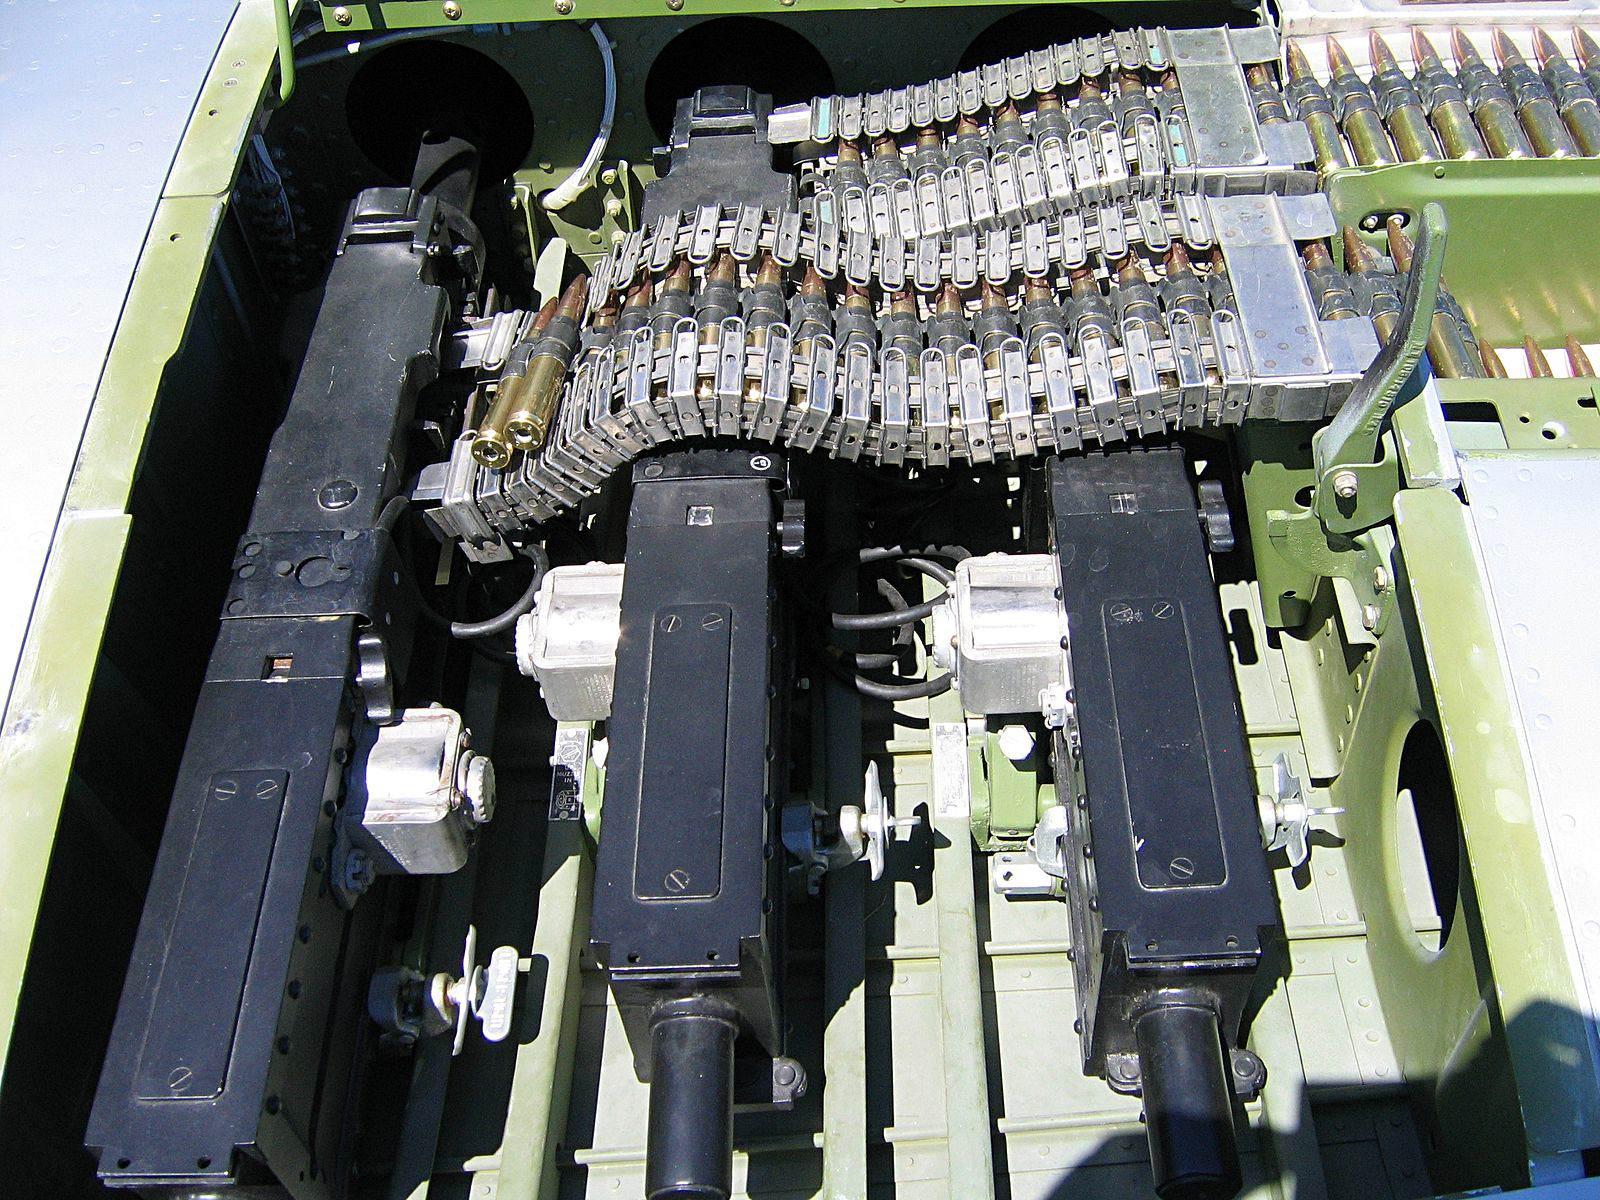 P 51 Guns - Les trois mitrailleuses jumelées d'un P-51 Mustang